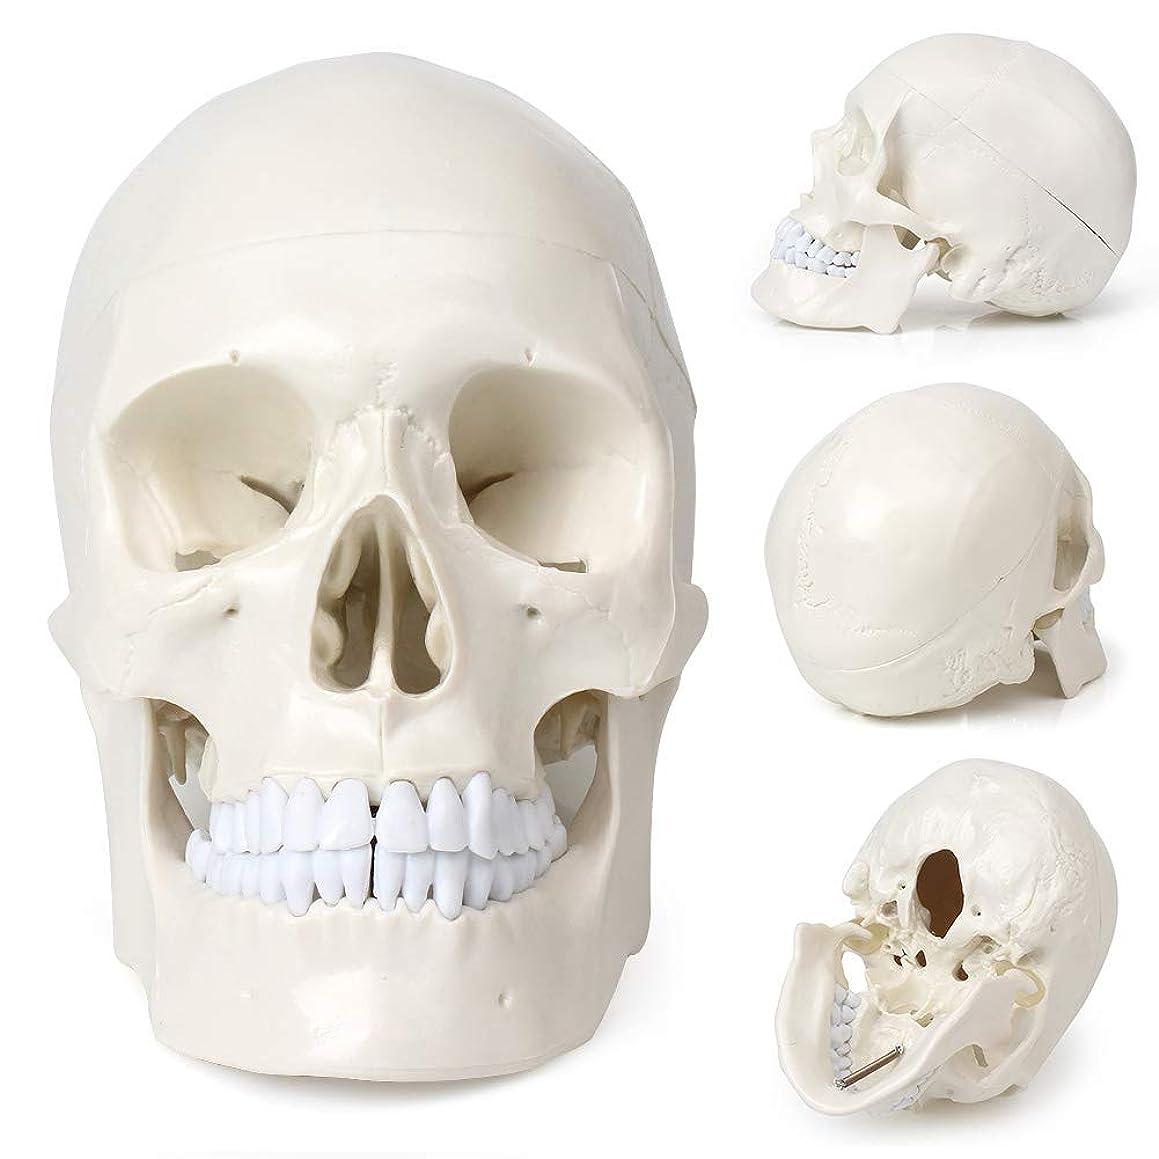 メイン十二十分にライフサイズ 頭蓋骨モデル 歯付き 人間の頭部 模型 解剖学 医療教授 医師 医学生 に適用